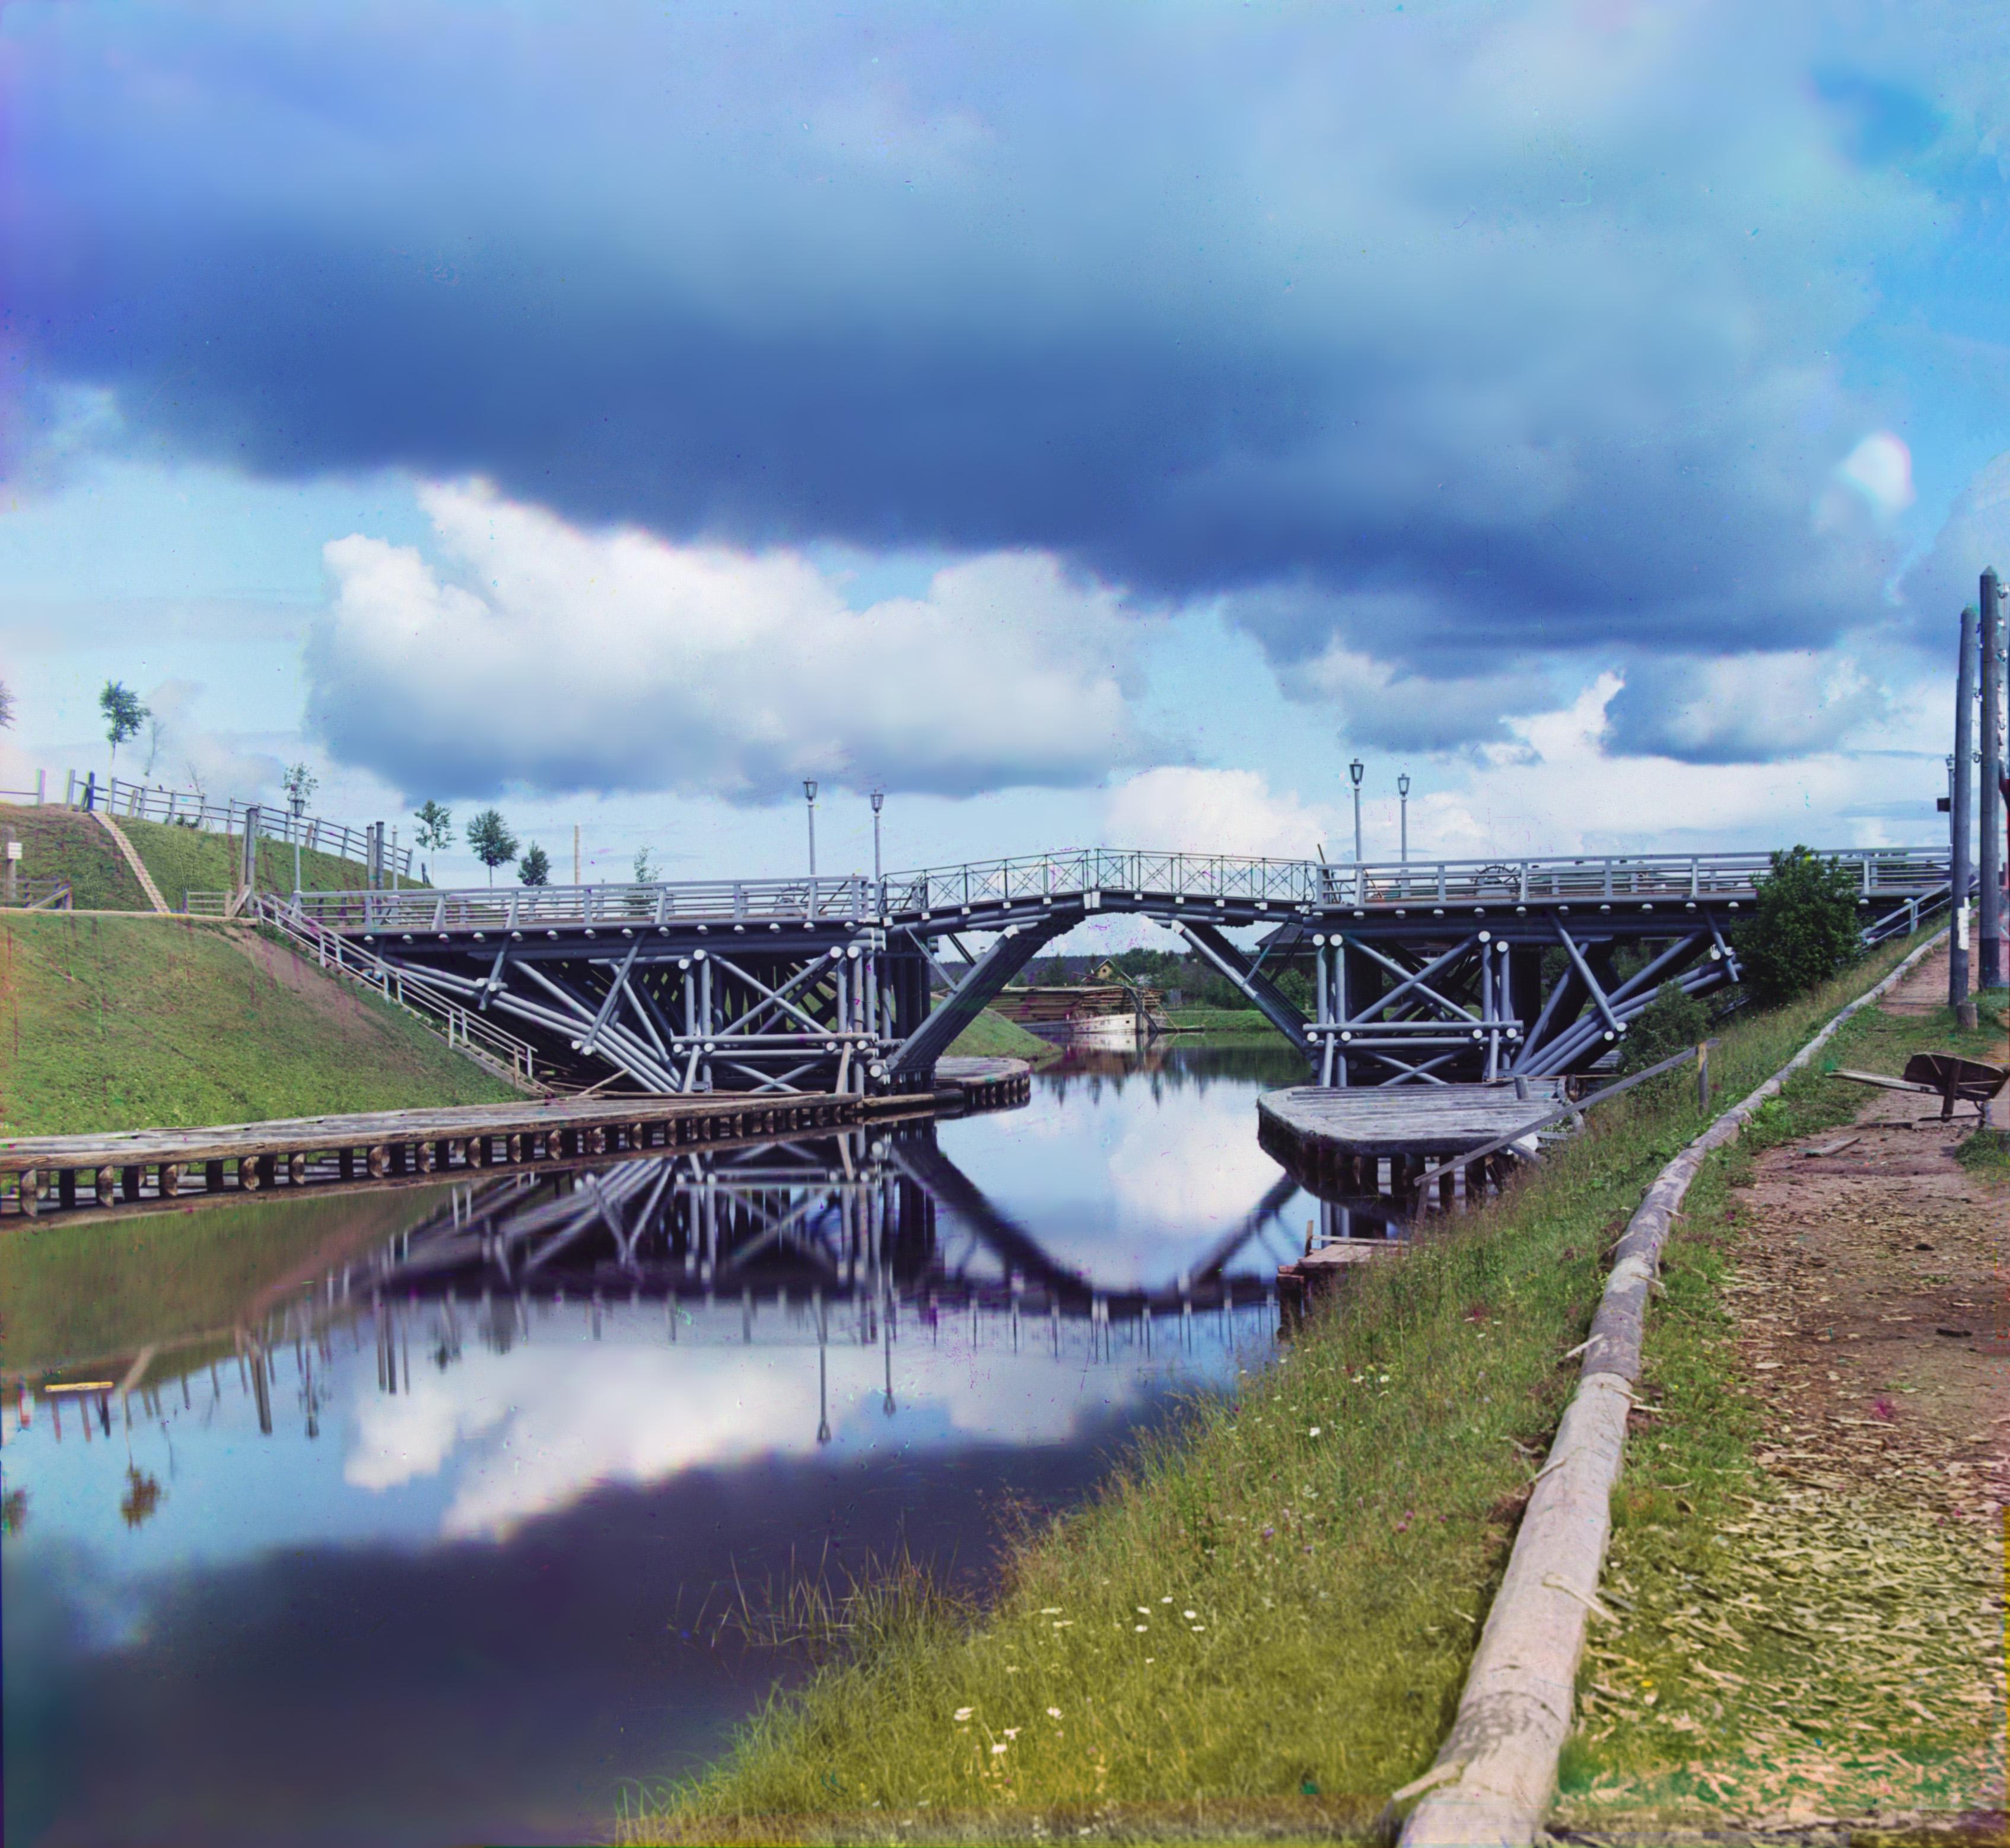 Вытегра. Подъемный мост на реке Вытегре